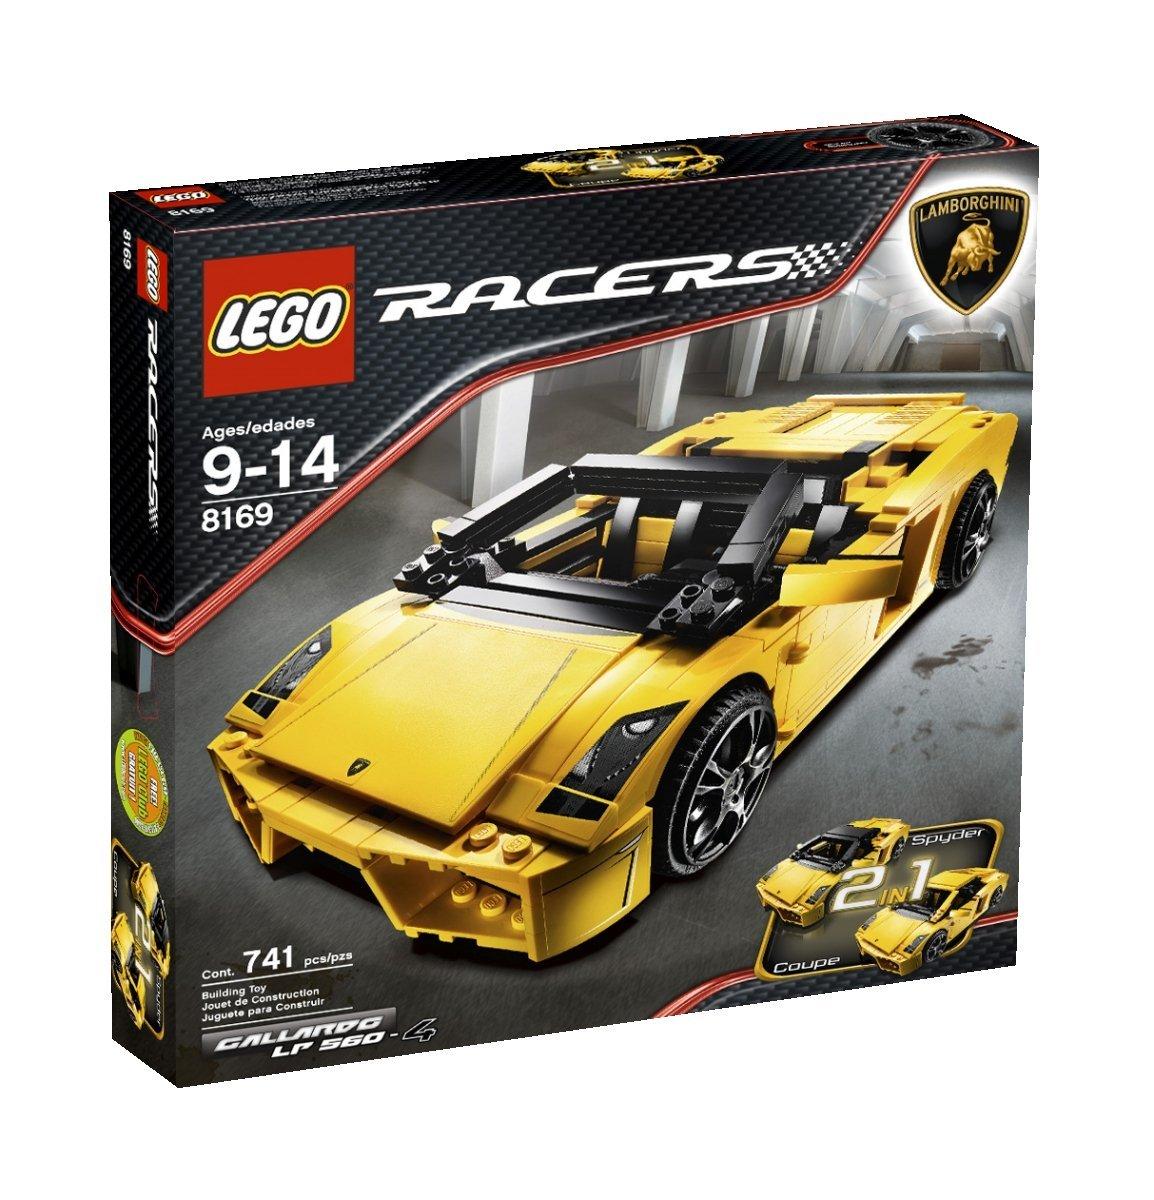 Lego Lamborghini Gallardo Lp 560 4 8169 Modular Brick